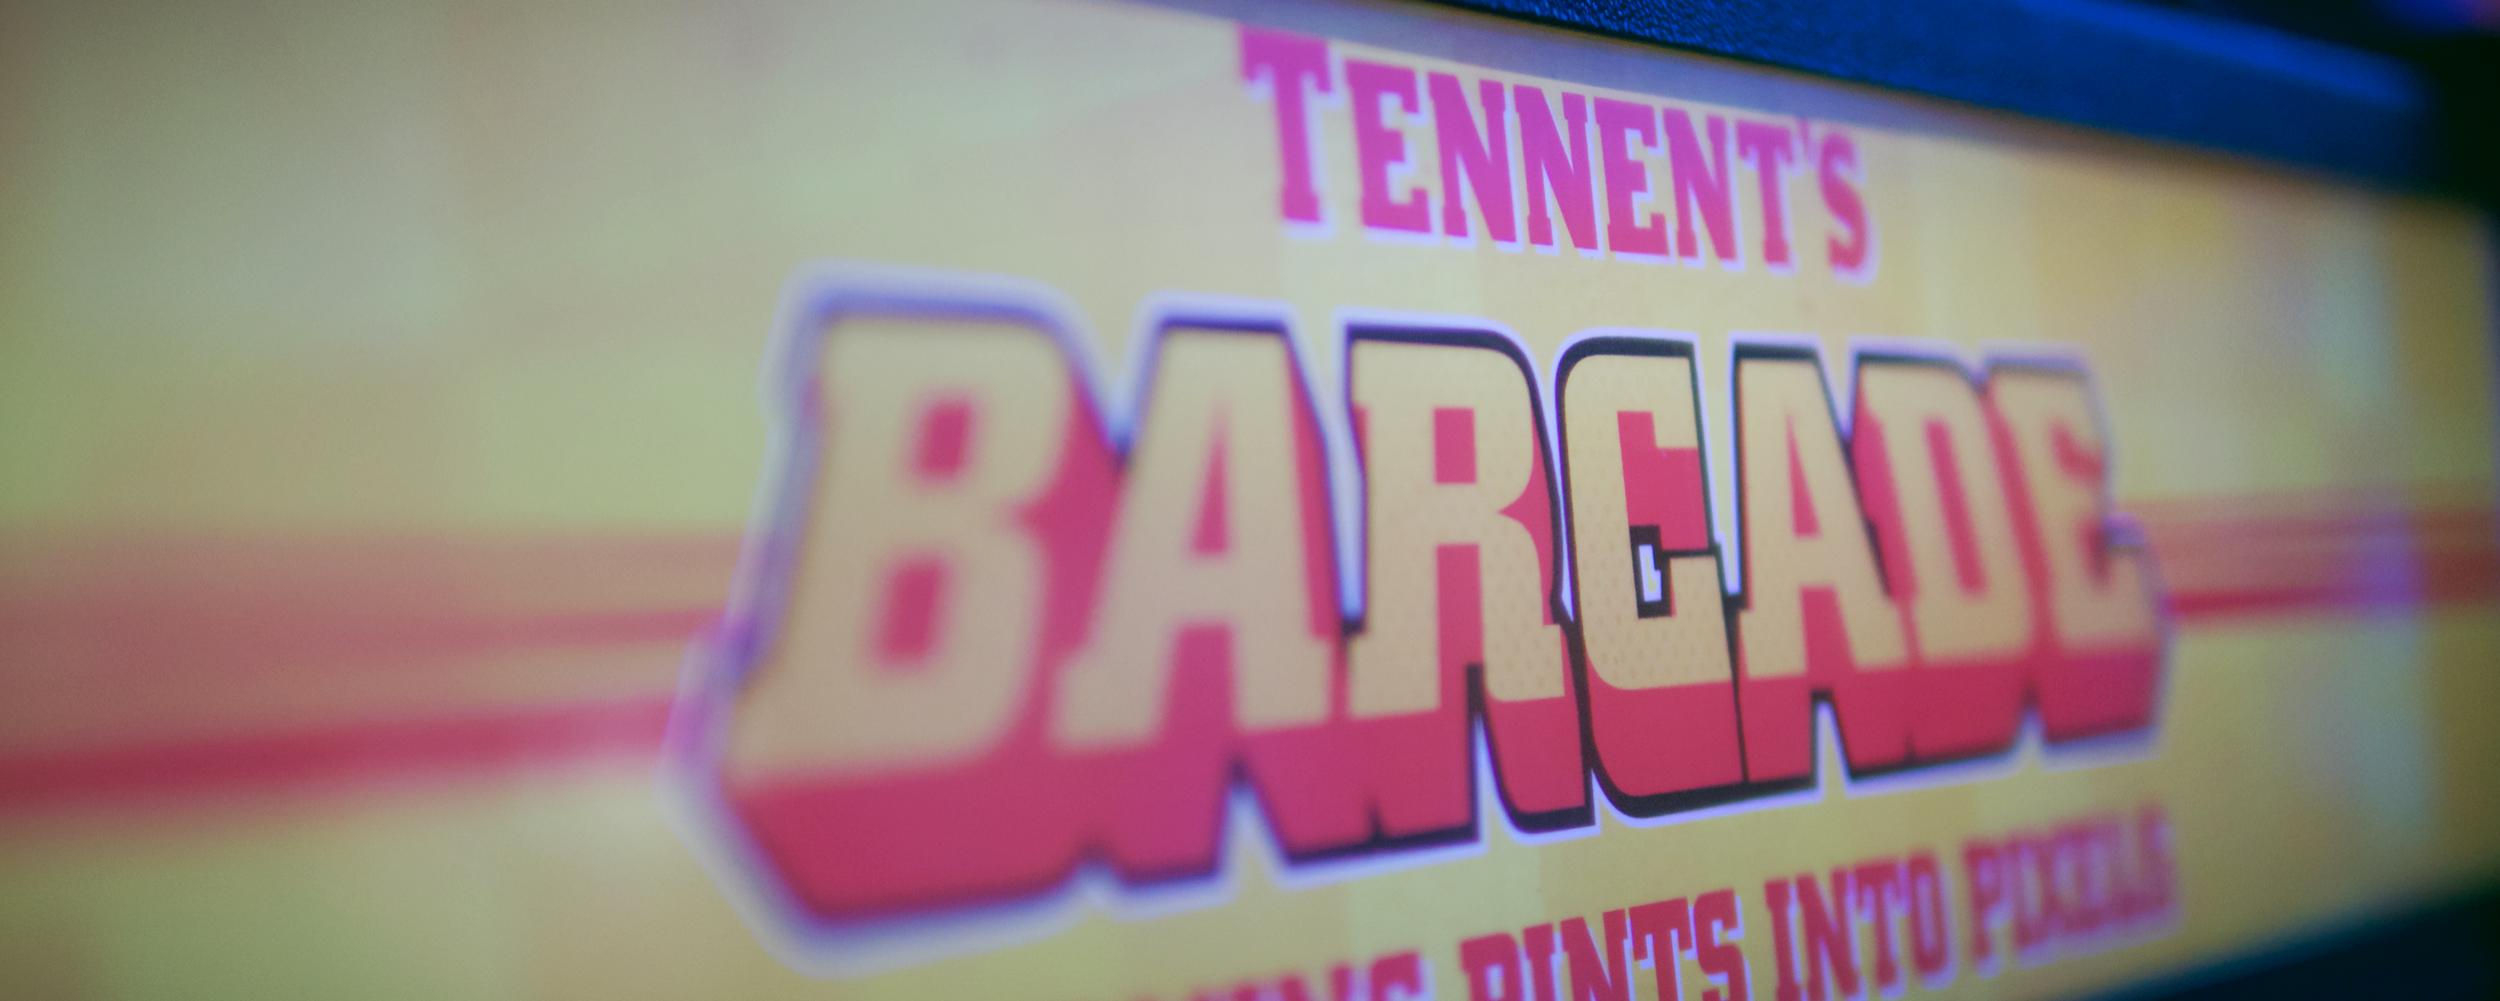 Tennents-Barcade-Banner